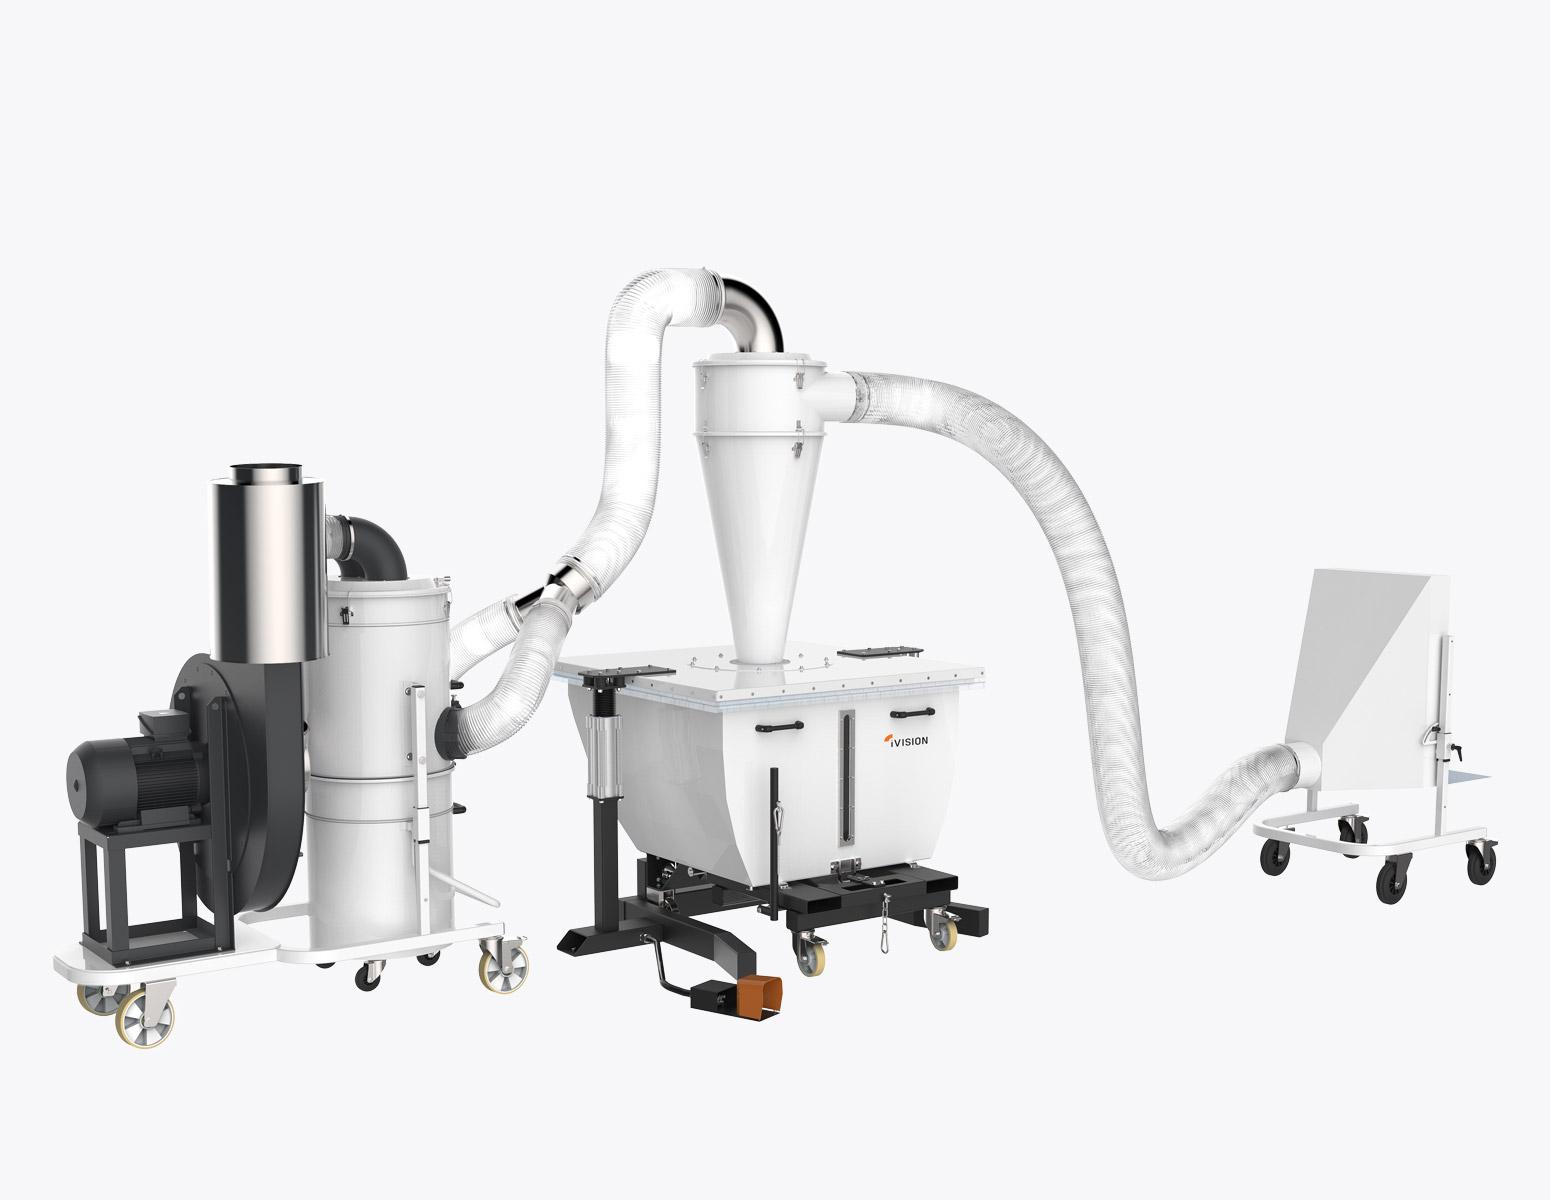 iv-custom-extrusion-line-industrial-vacuum-cleaners-ivision-vacuum